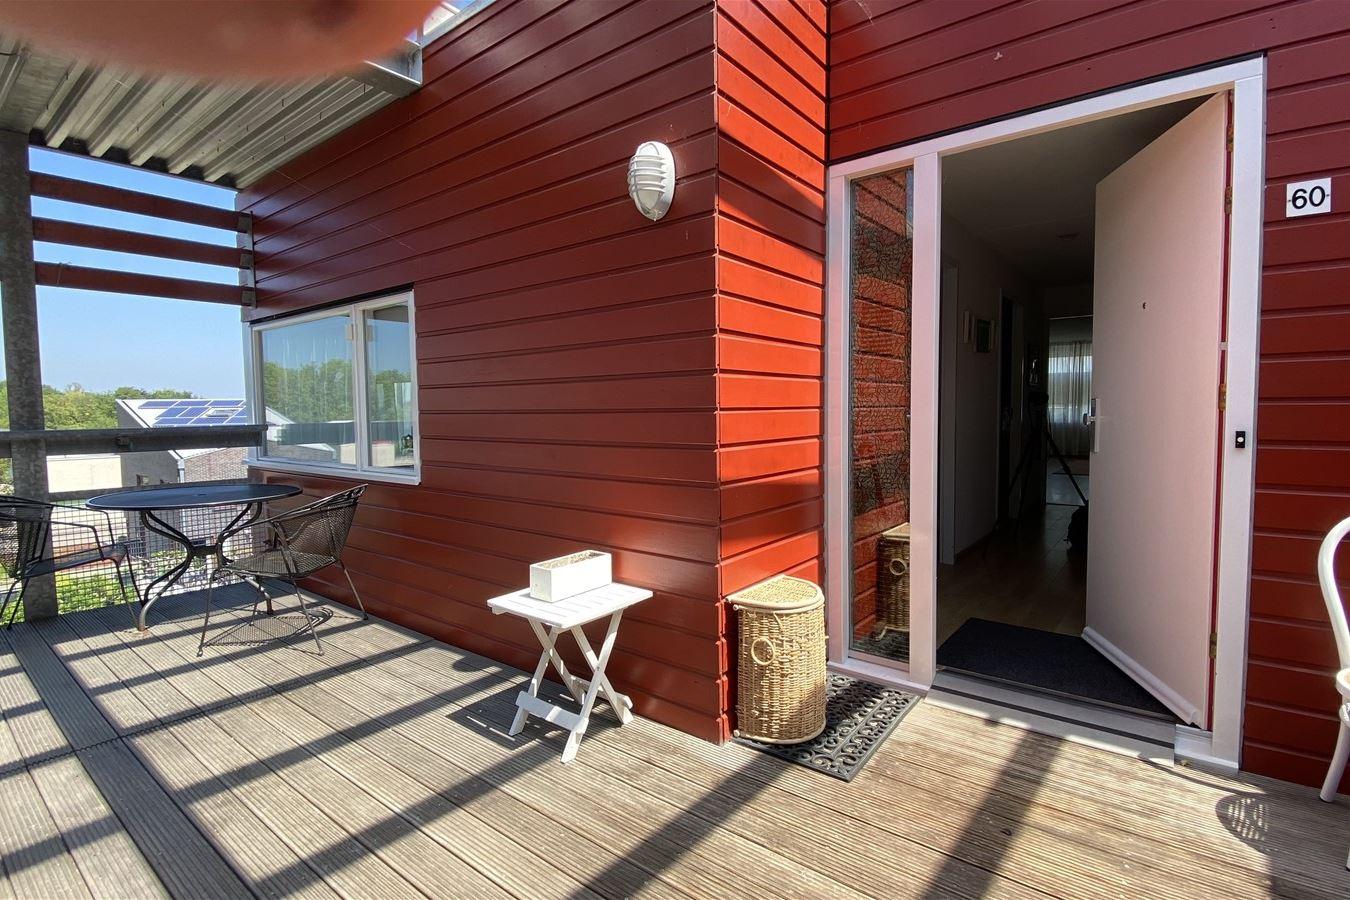 View photo 2 of Vinkenhof 60